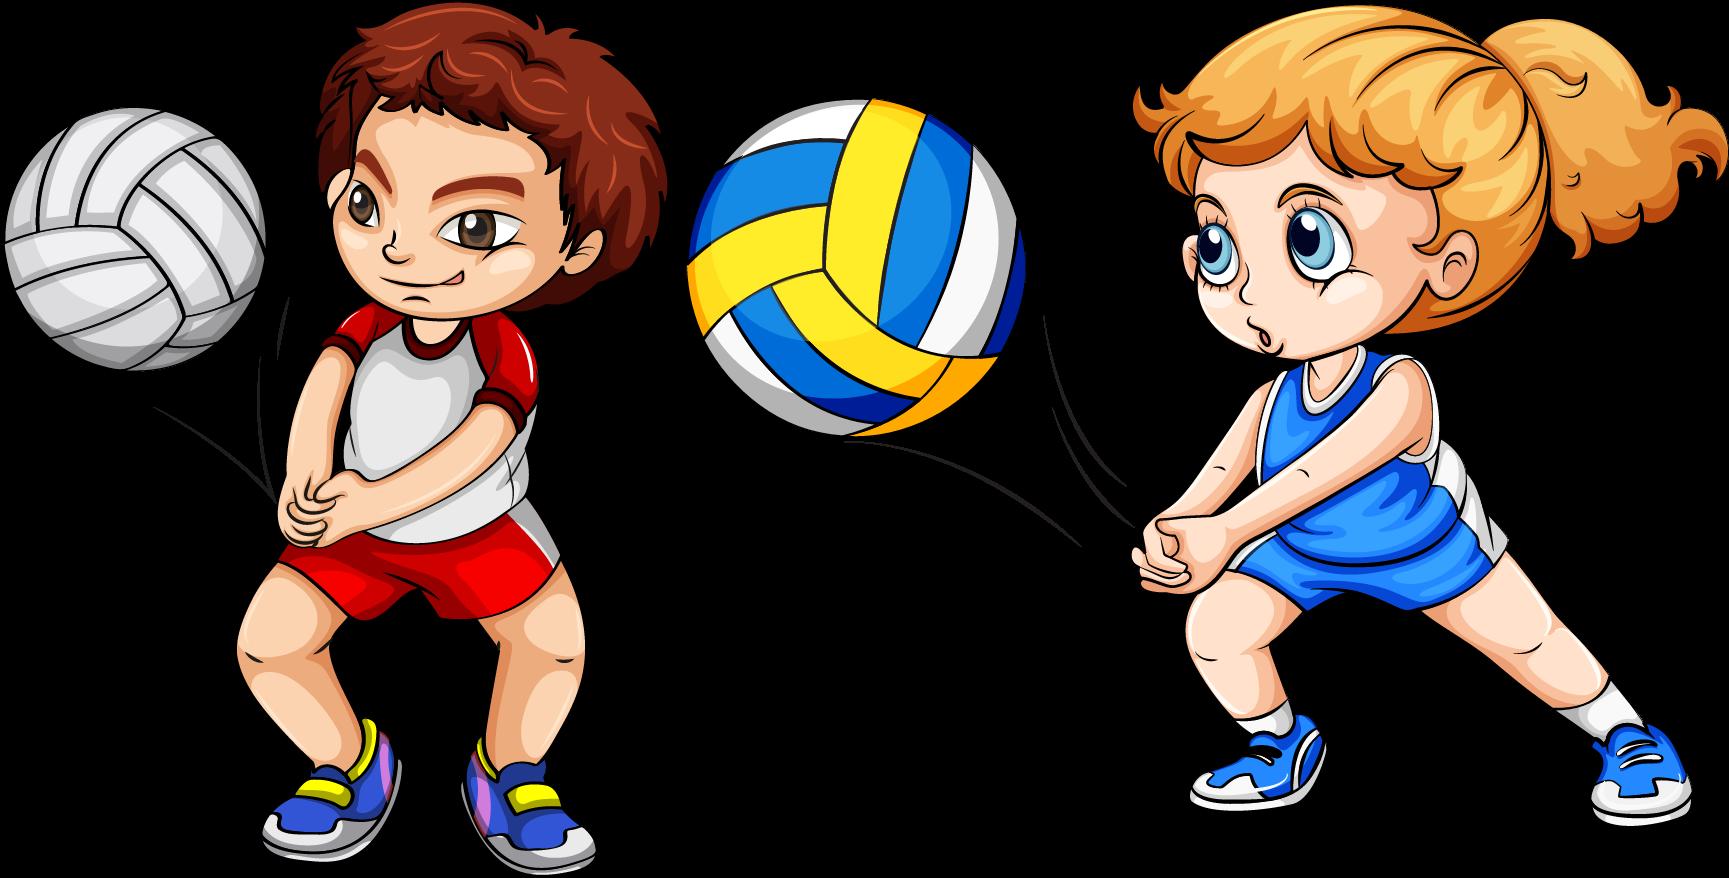 Картинка спортсмена для детей